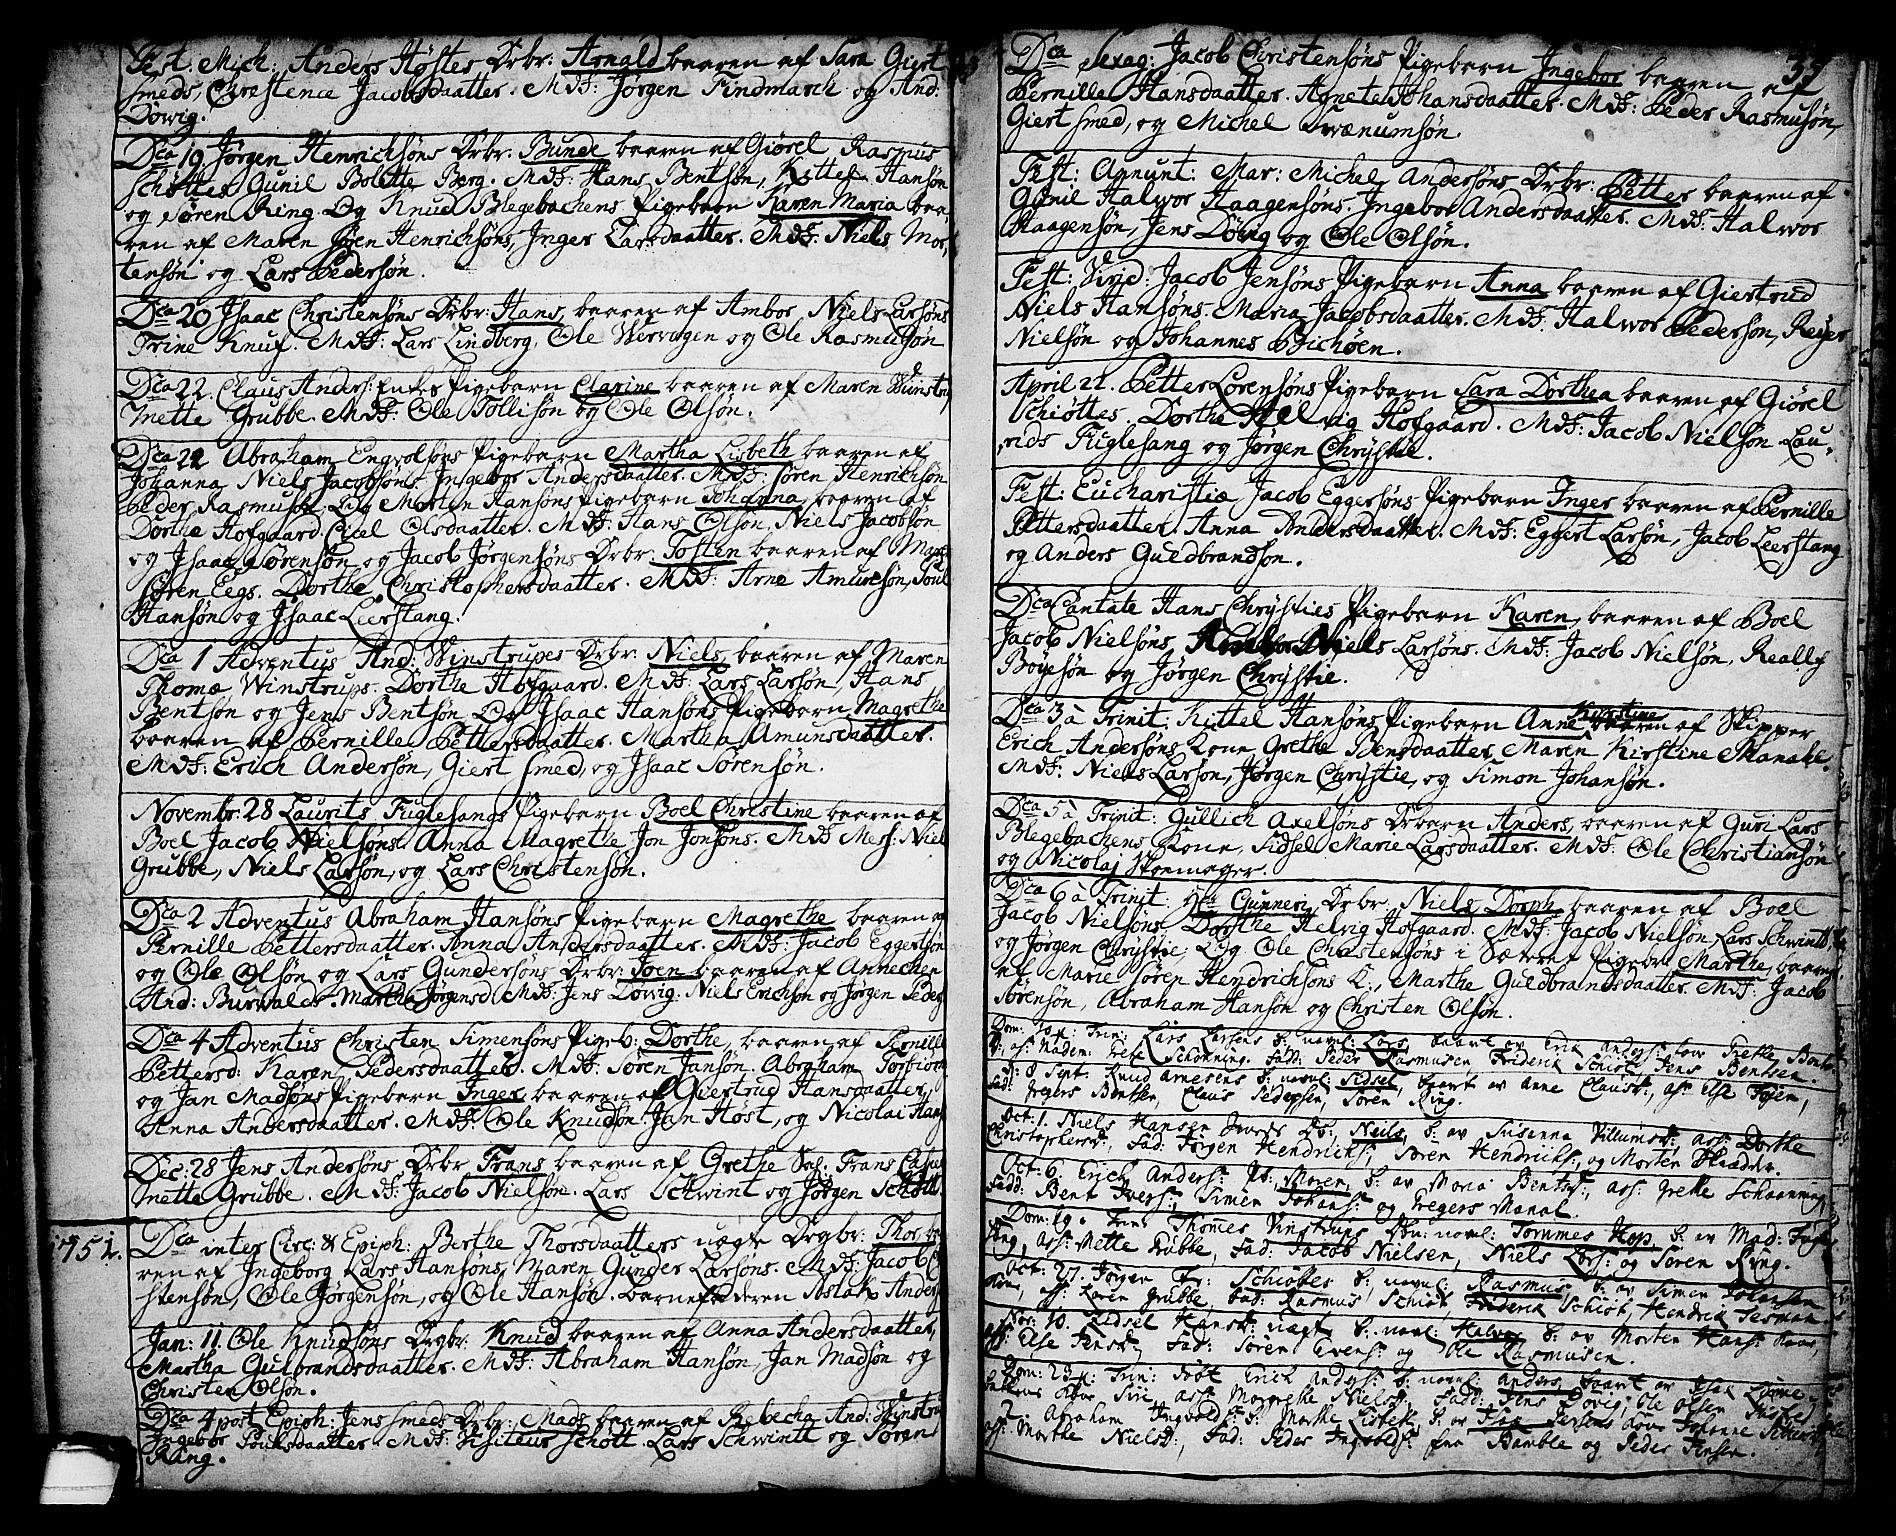 SAKO, Brevik kirkebøker, F/Fa/L0002: Ministerialbok nr. 2, 1720-1764, s. 35a